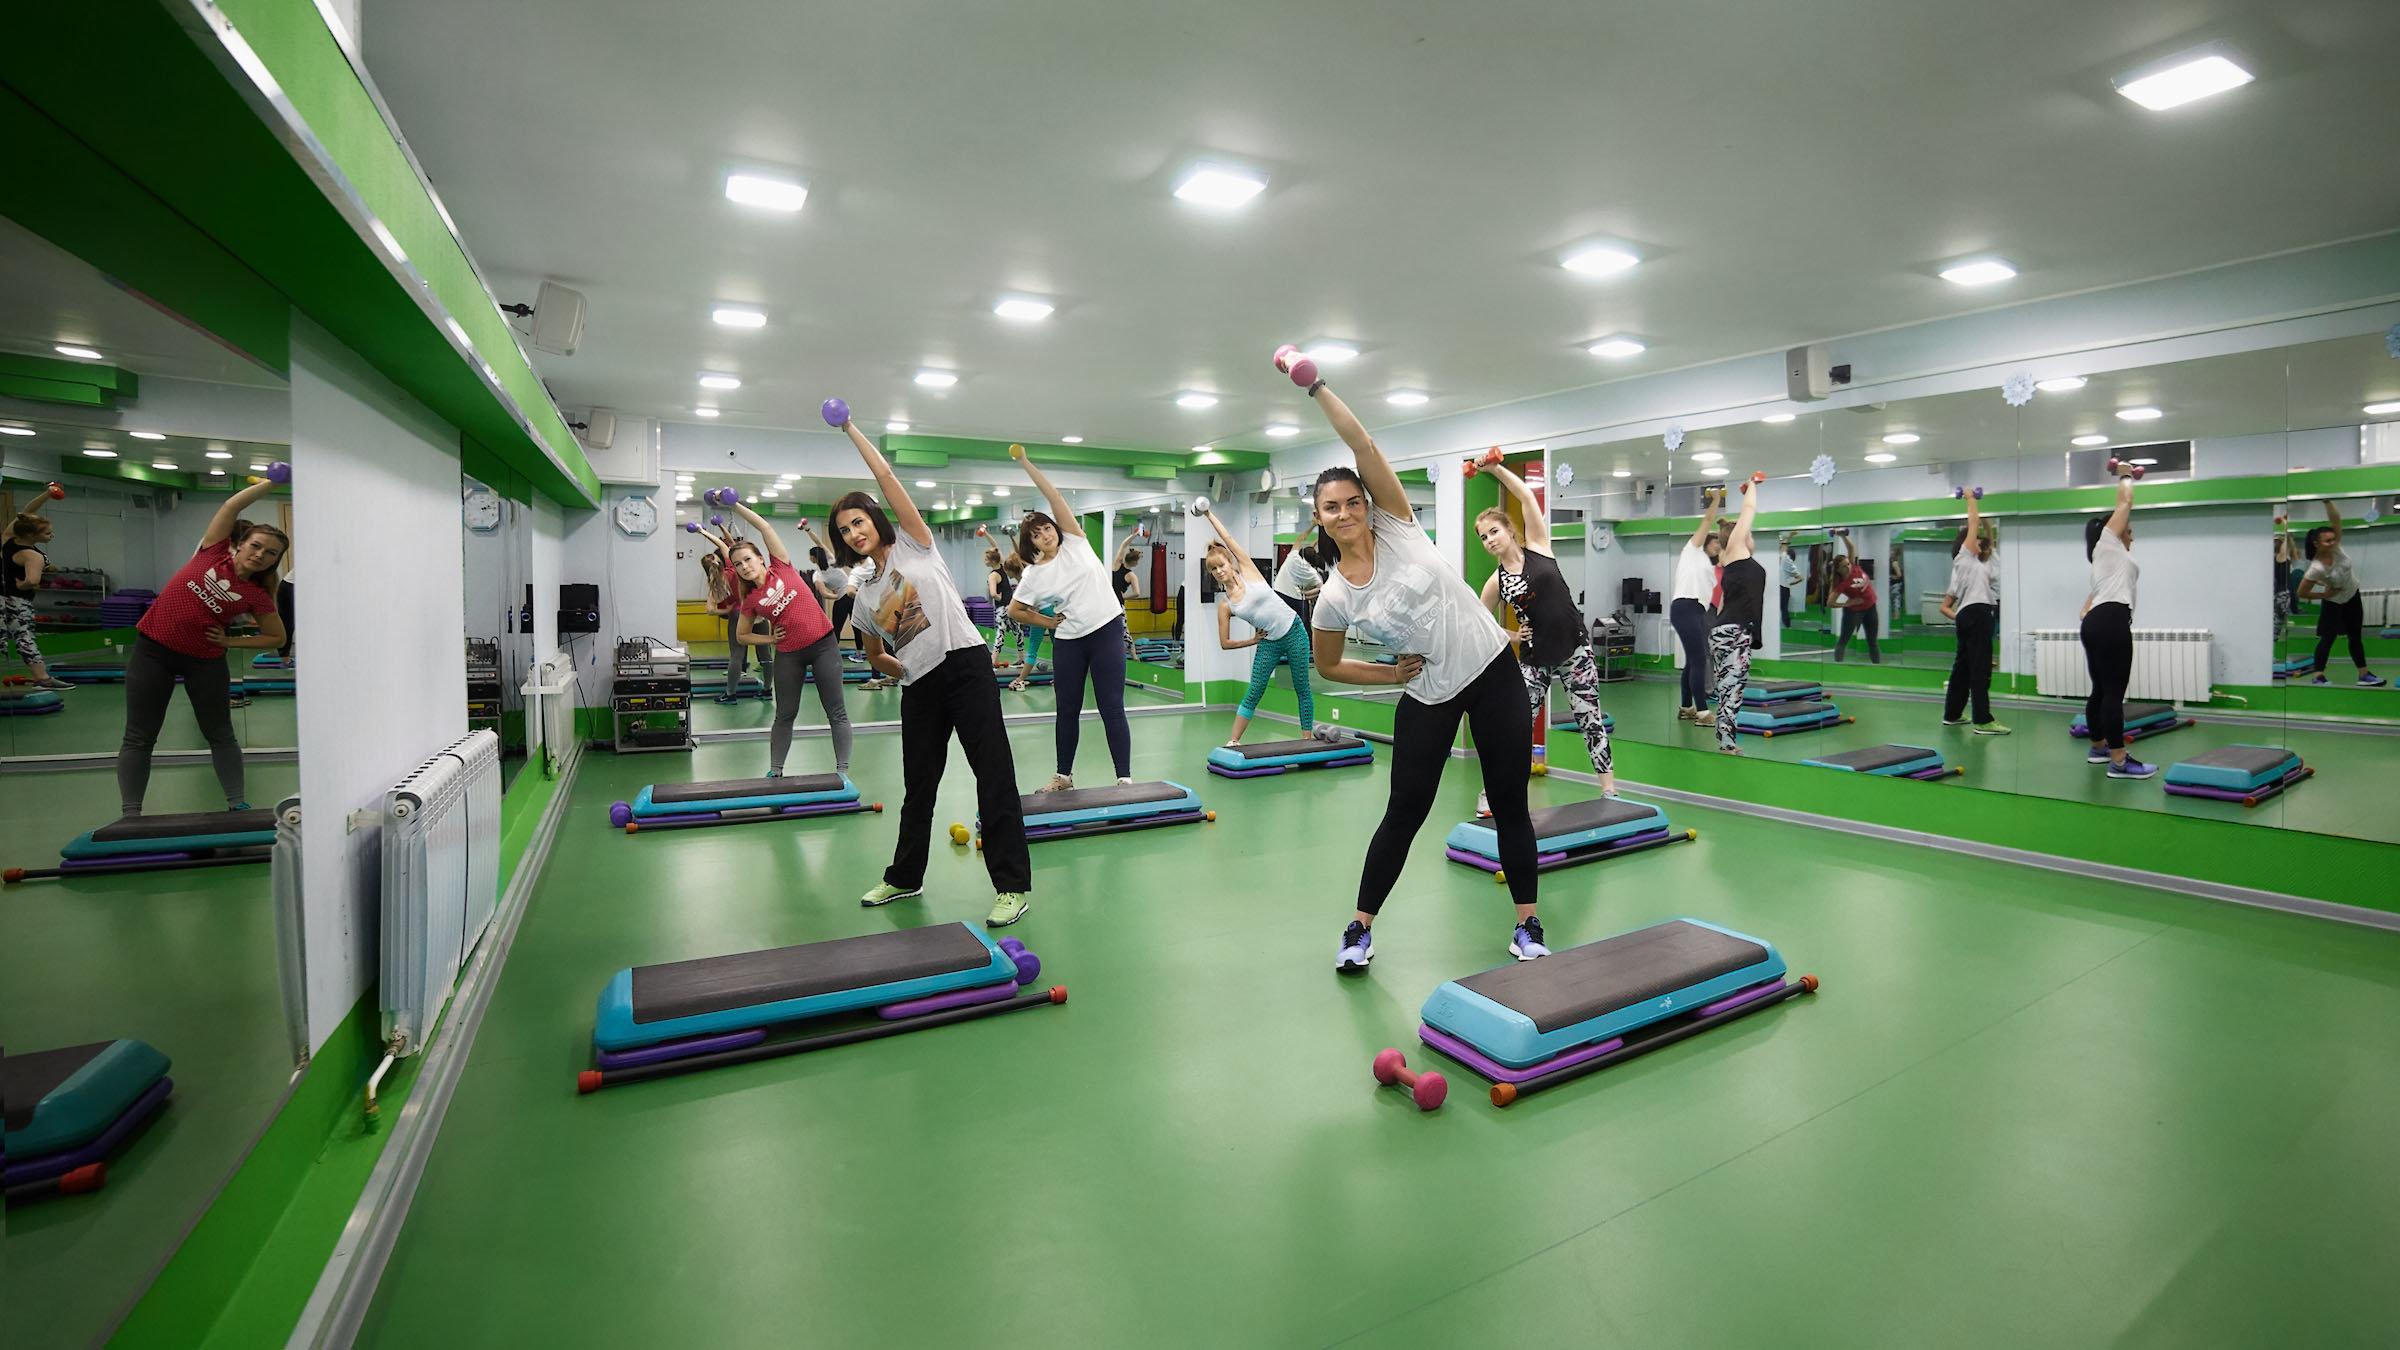 фотография Спортивно-оздоровительного клуба Красота и сила в Пушкине